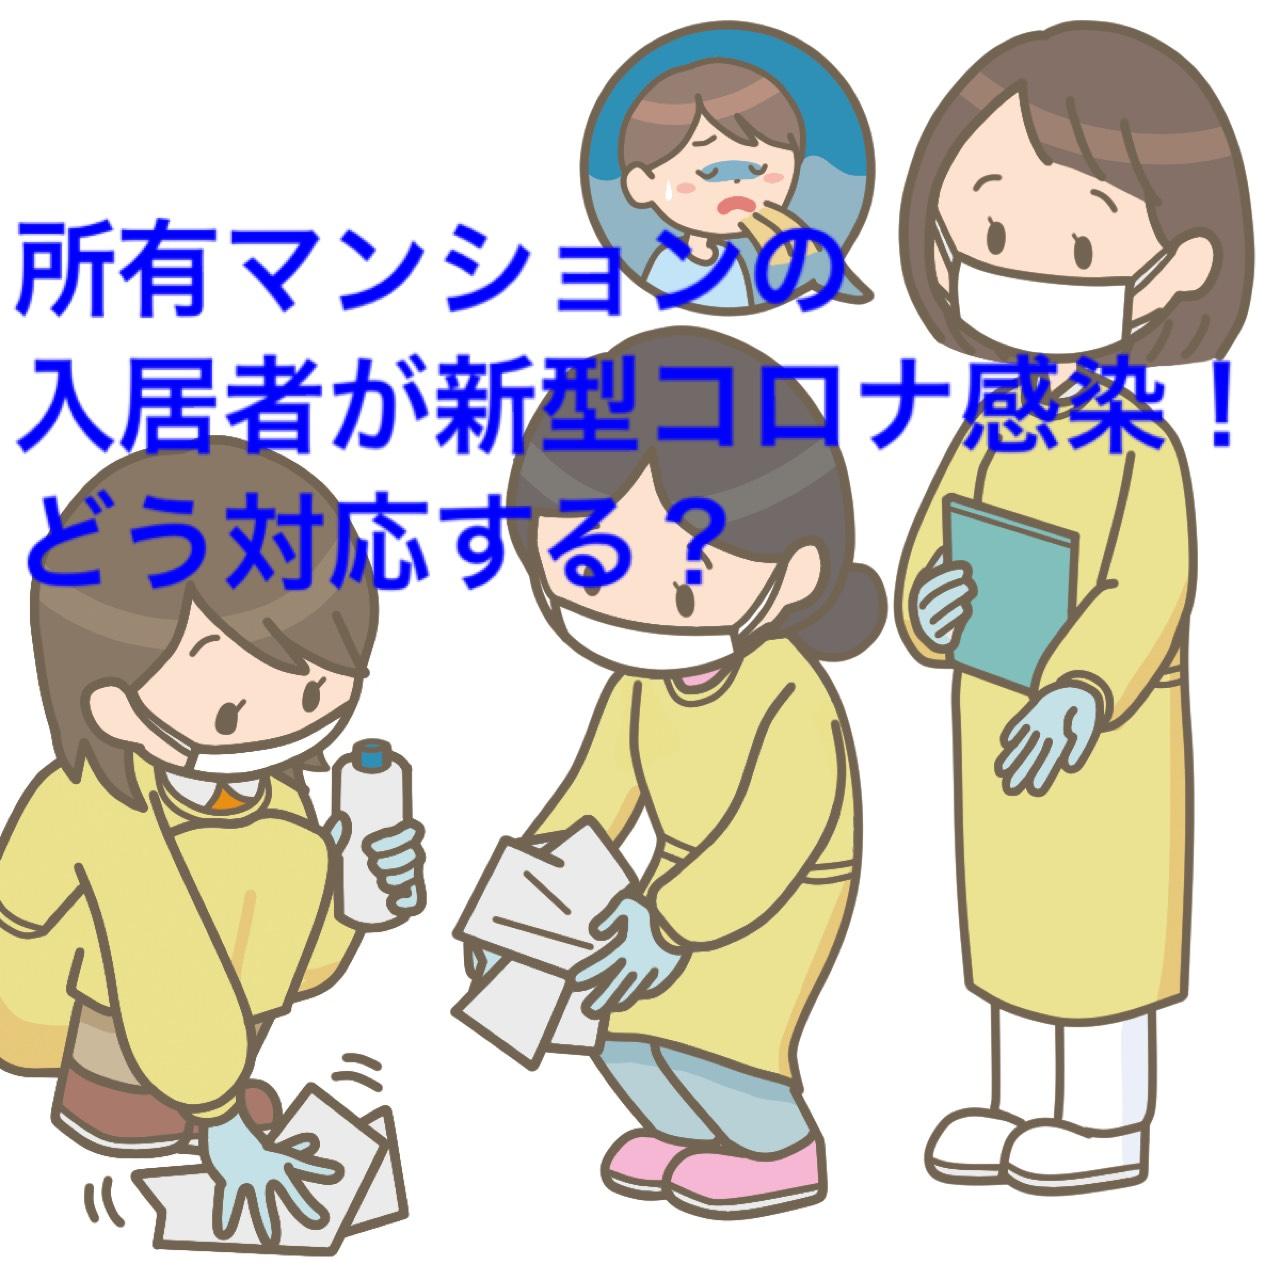 関西 コロナ ウイルス 感染 者